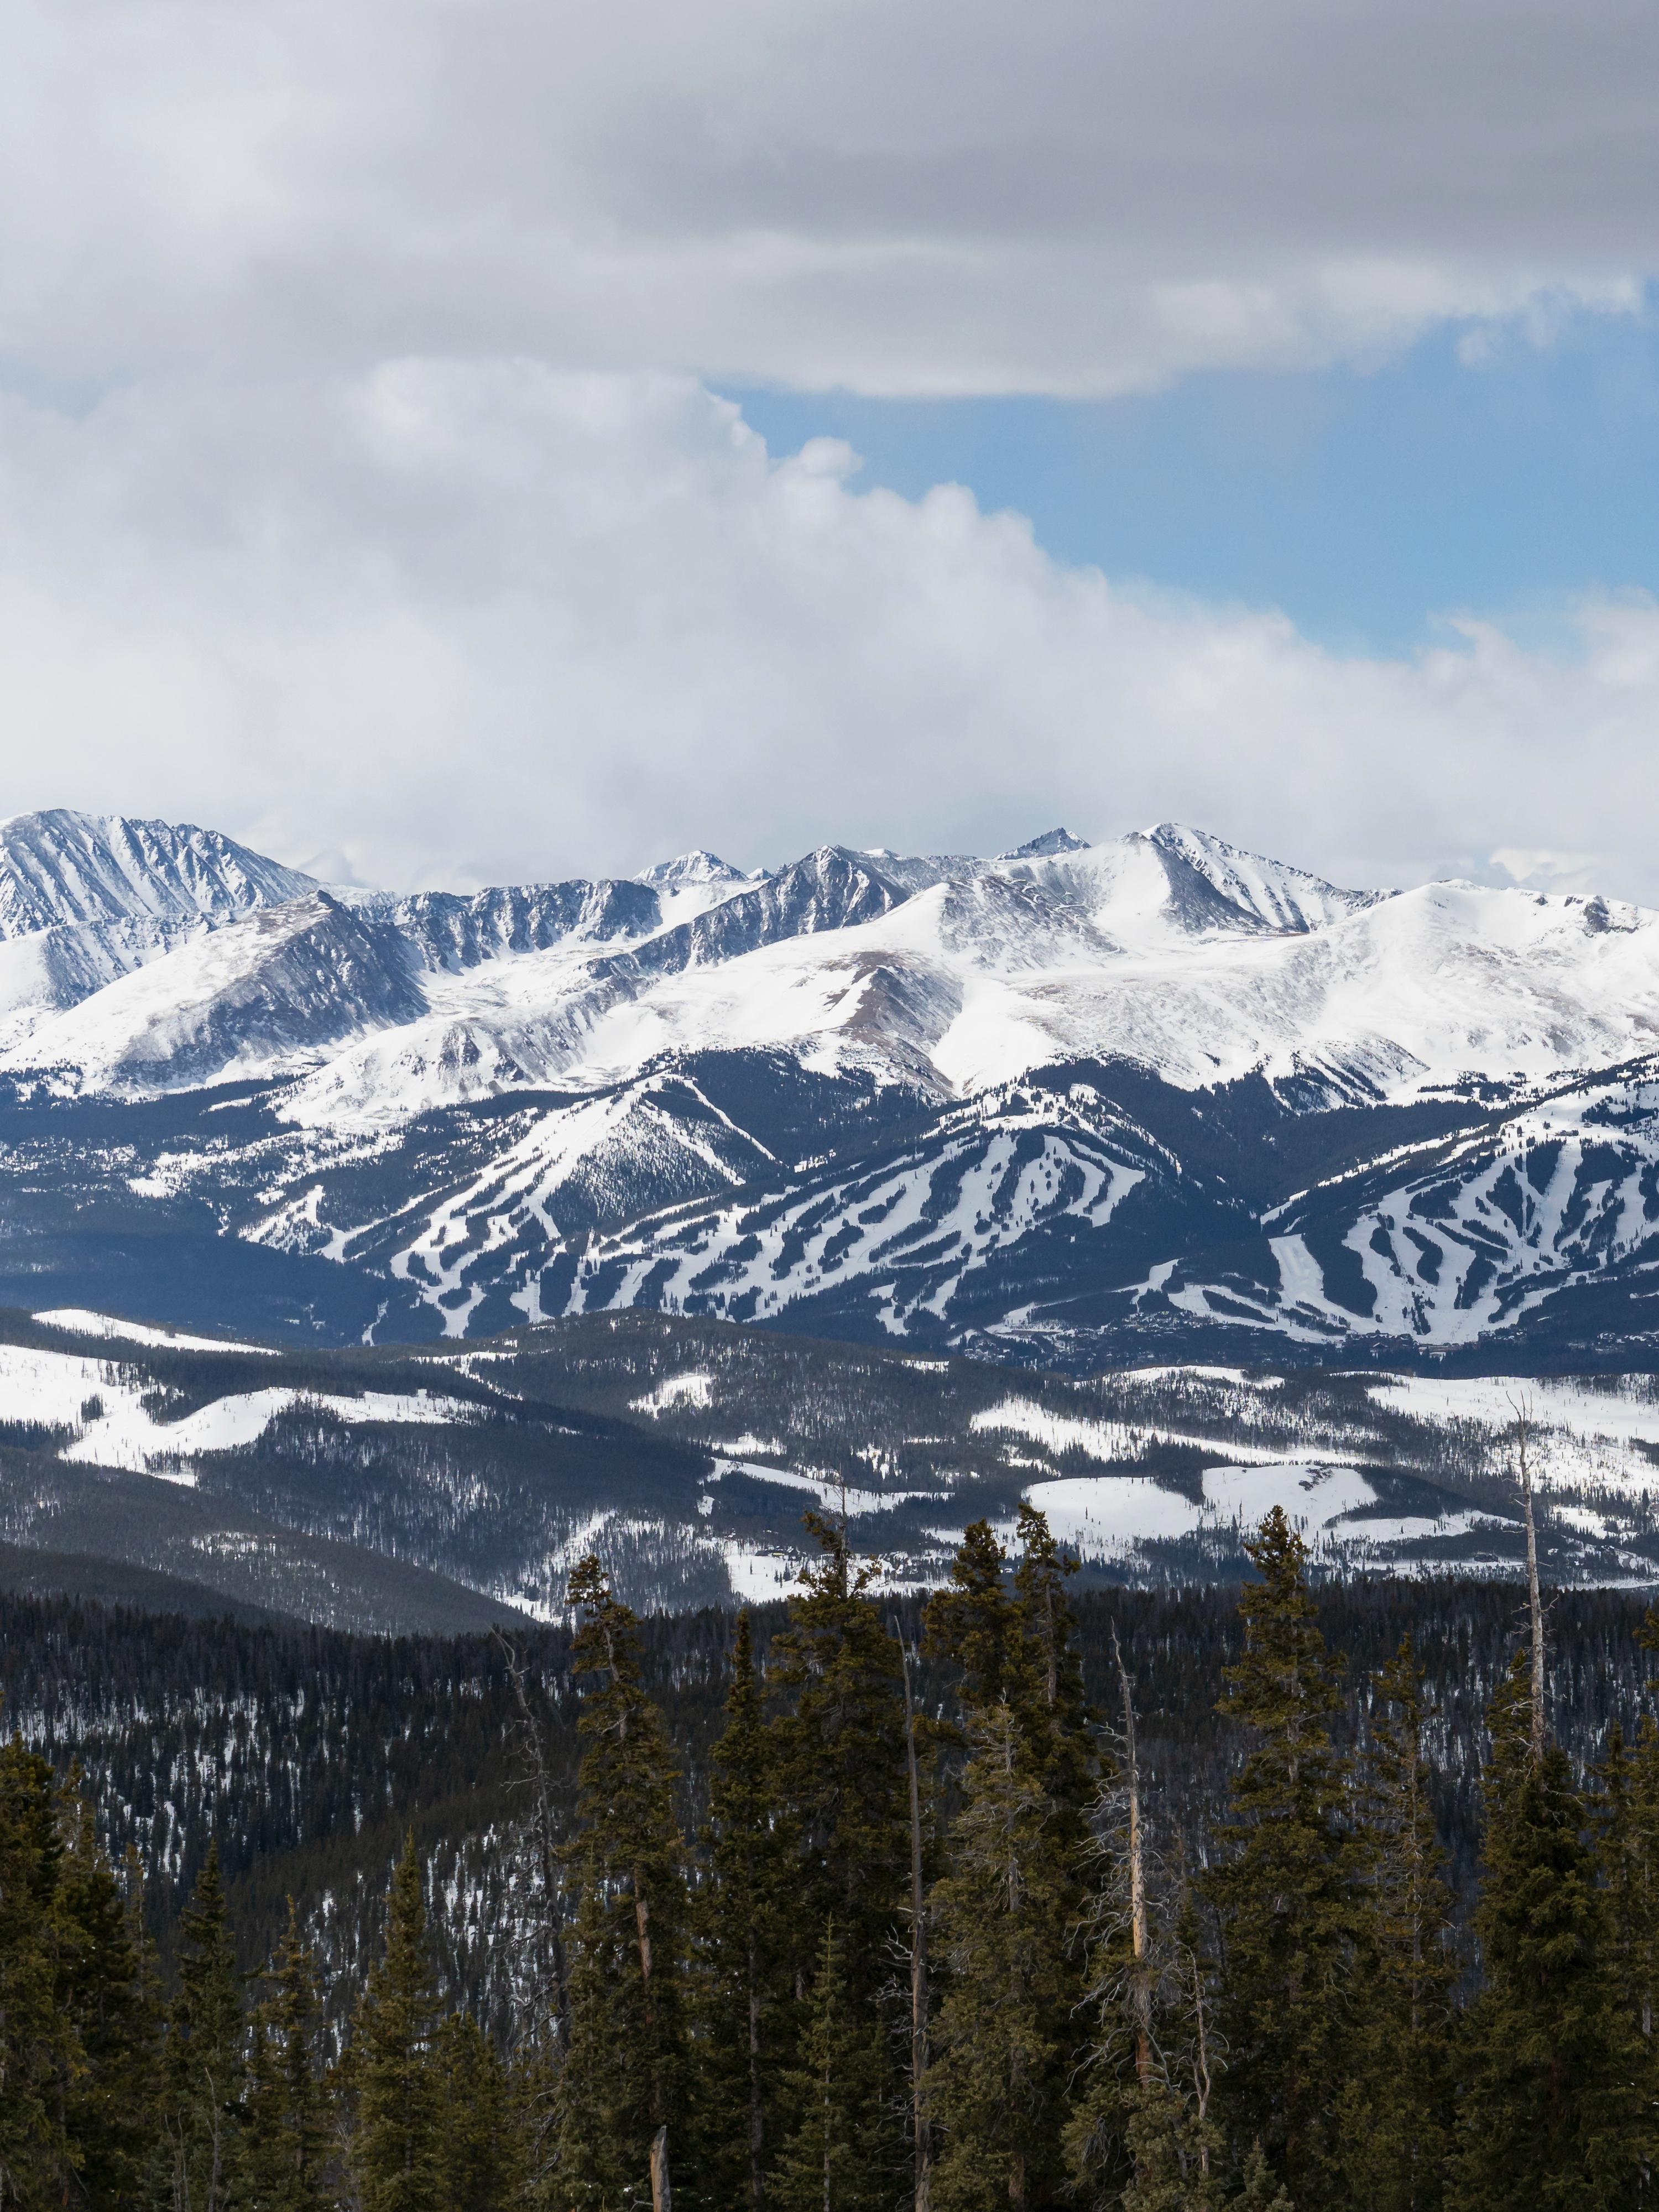 View of Breckenridge Ski Area